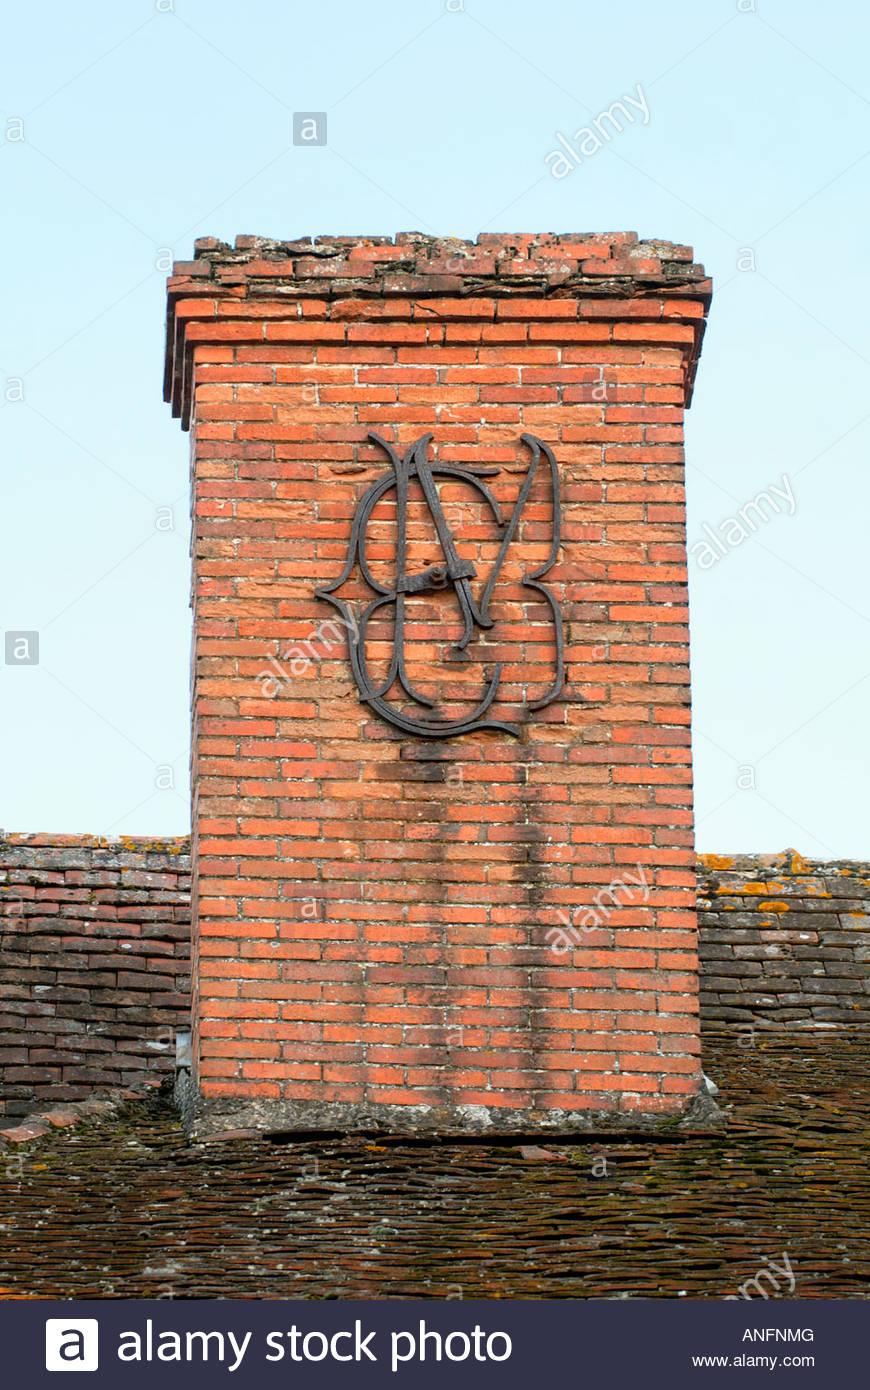 em oder me buchstaben dekoration schornstein indre et loire frankreich anfnmg